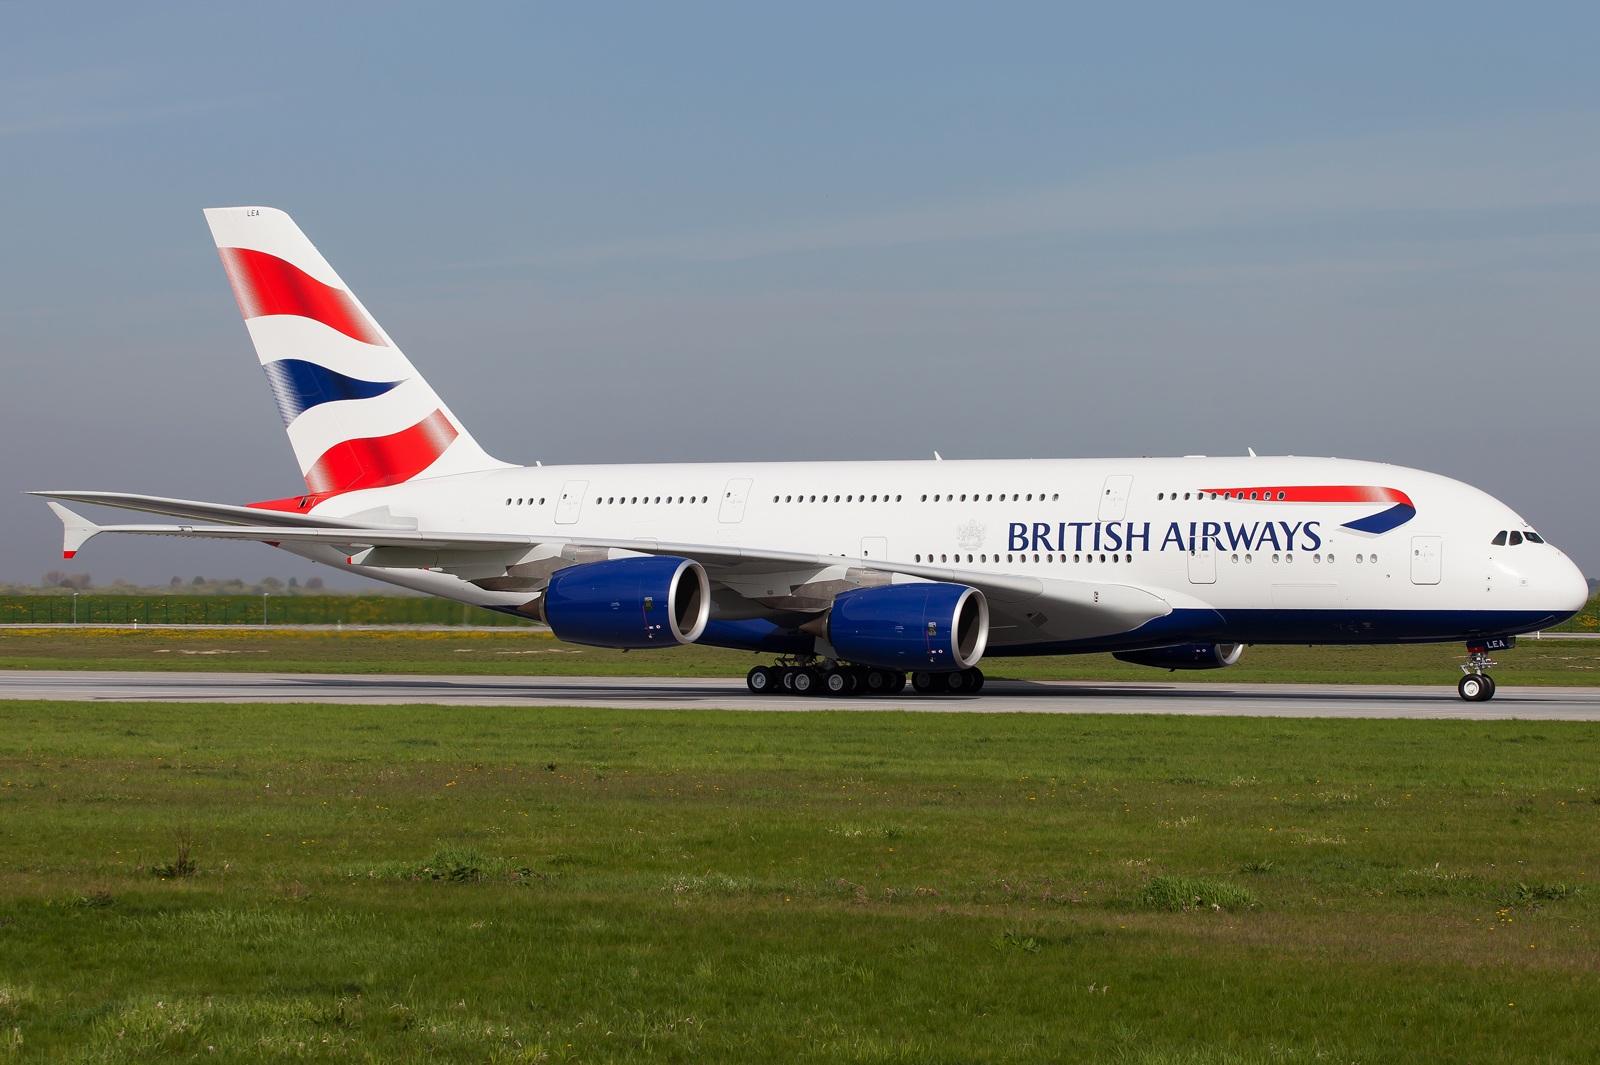 f-wwsk-british-airways-airbus-a380-841_PlanespottersNet_382138